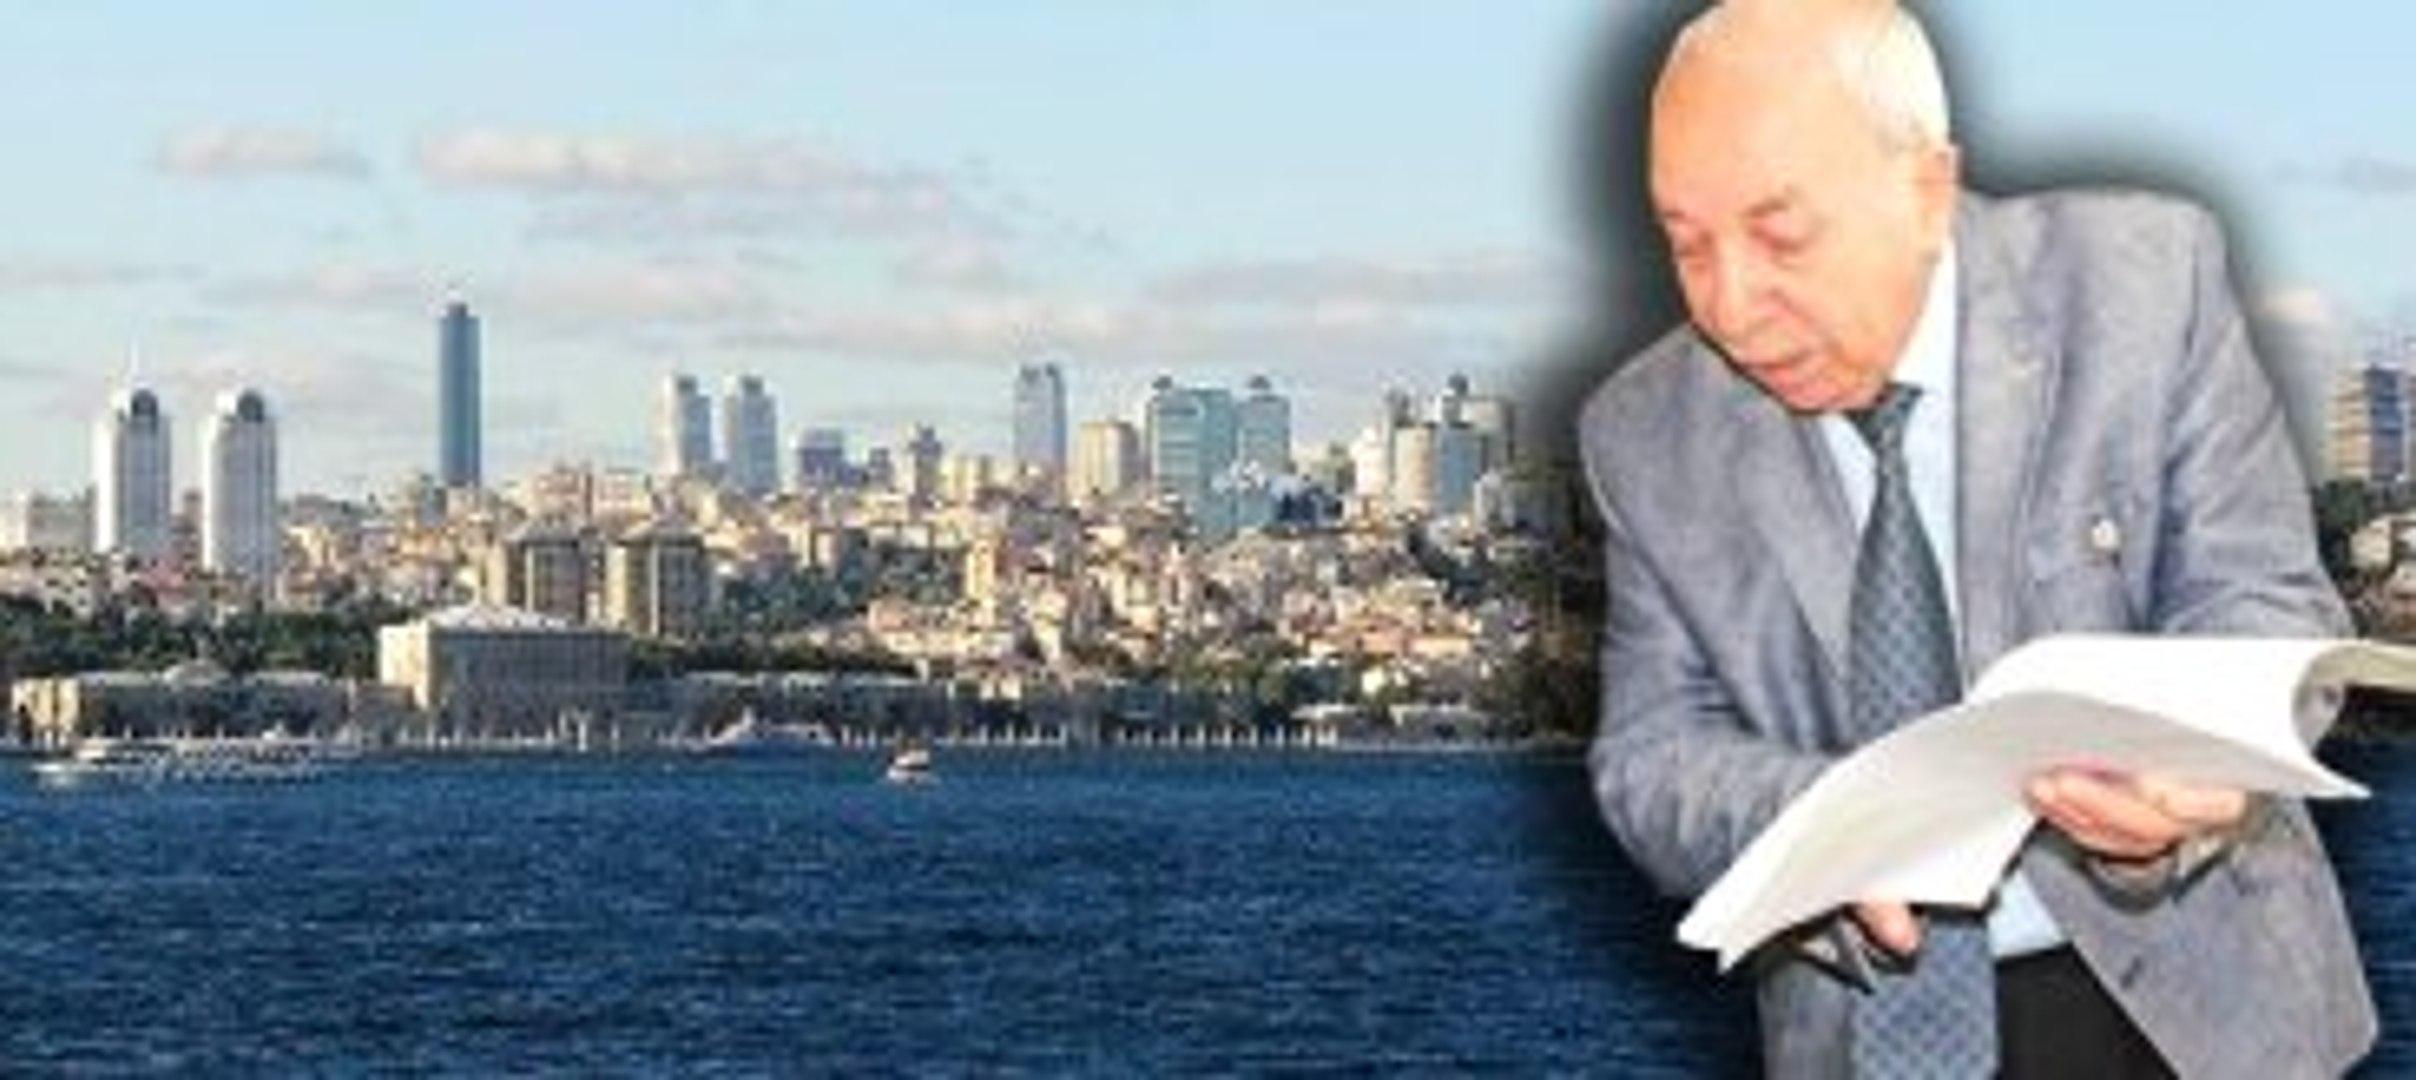 'İstanbul'un Yarısı Benim' Diyen Vatandaş, Dava Üstüne Dava Açıyor